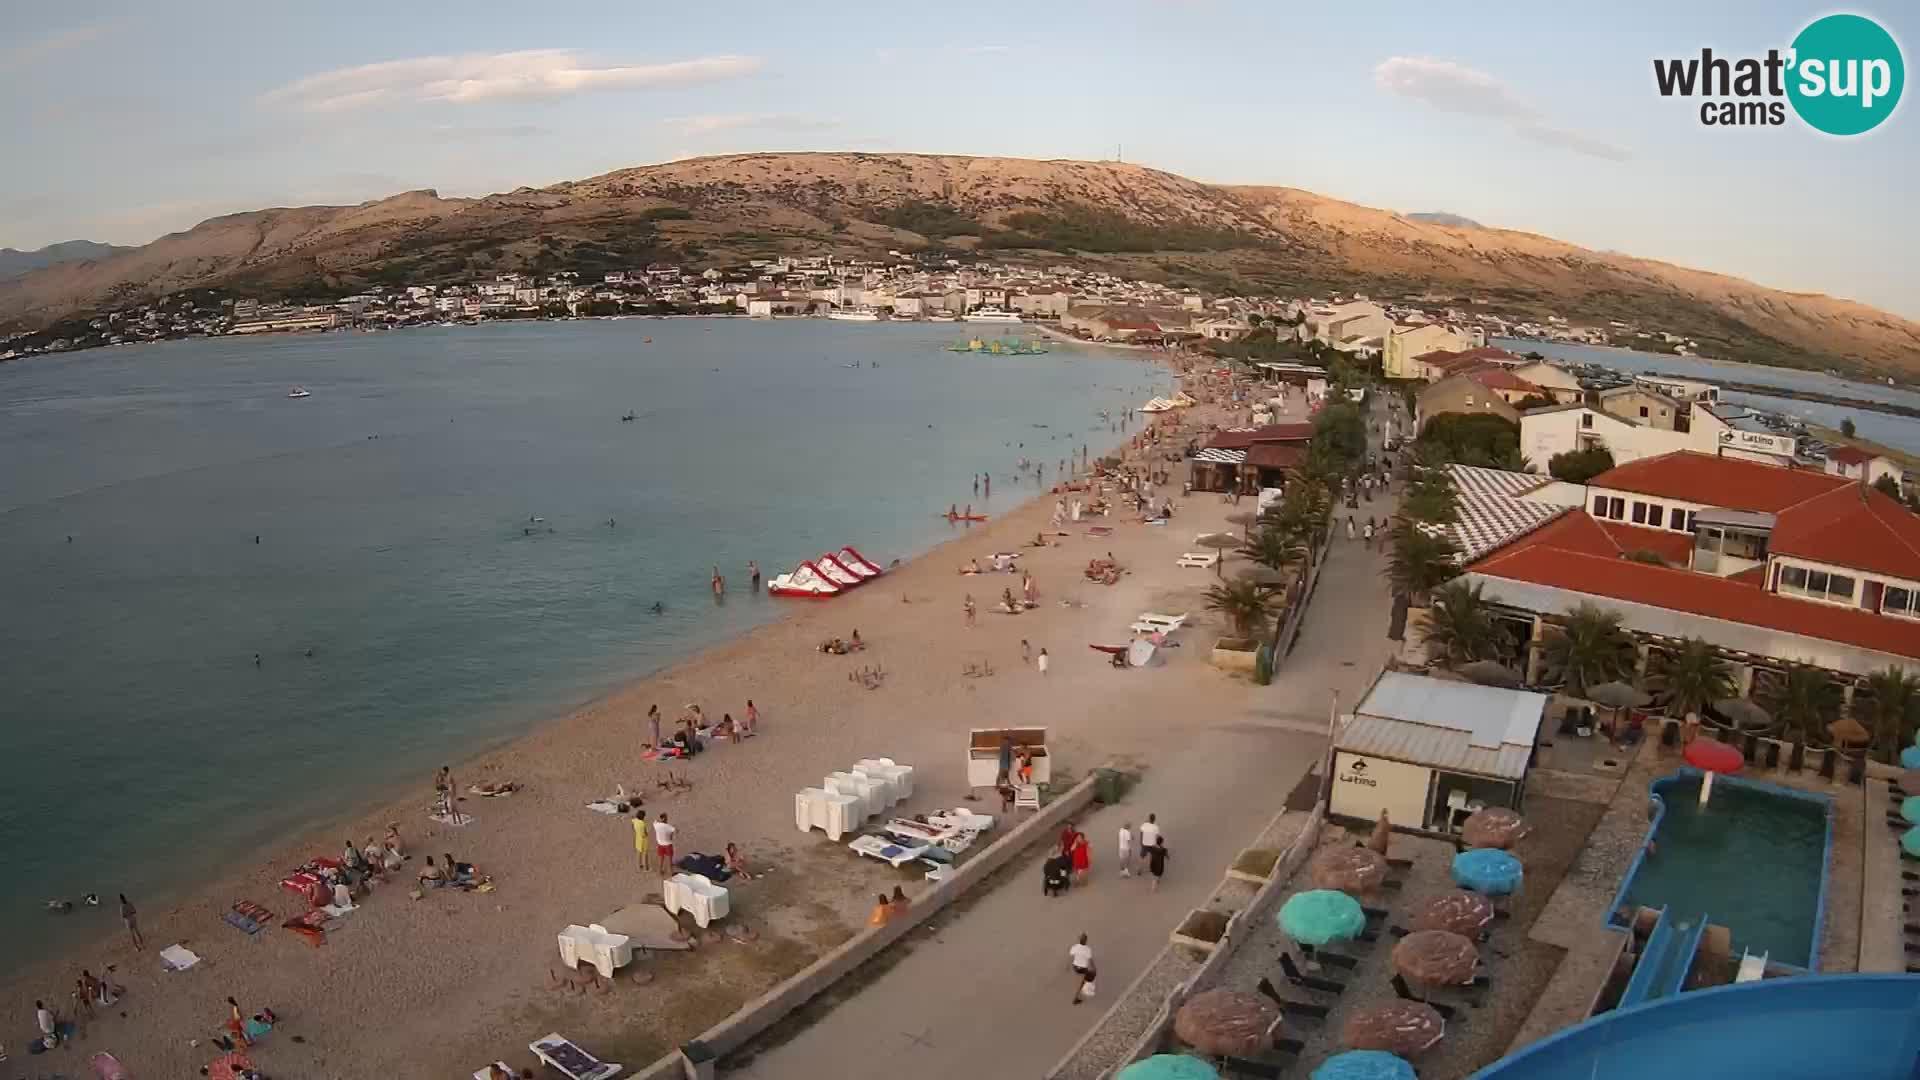 Webcam Pag beach